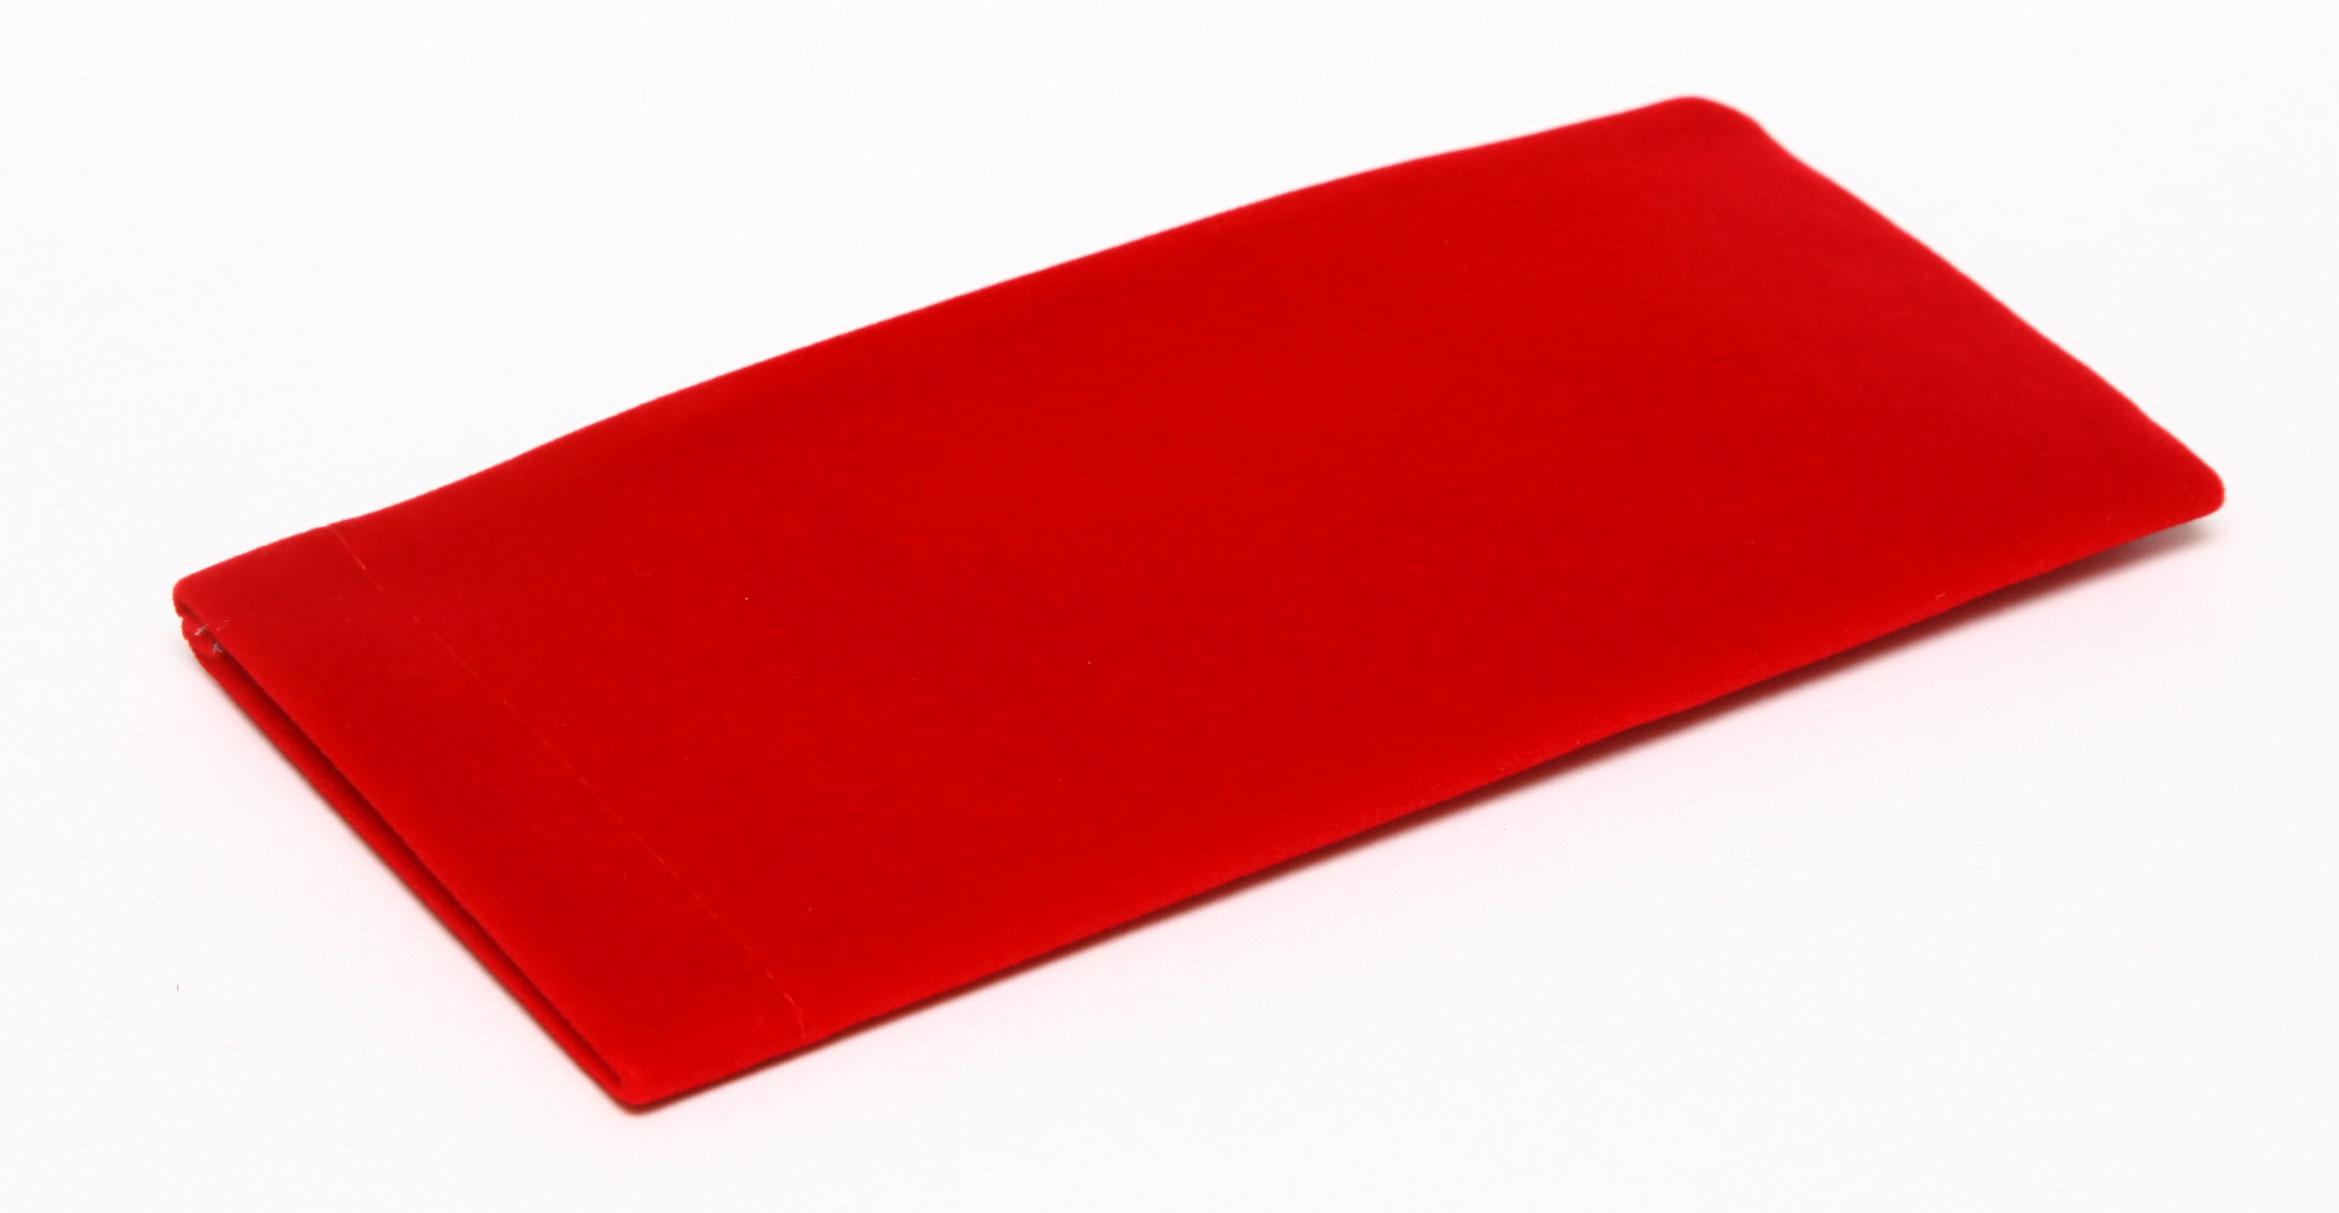 Proffi Home Футляр для очков Fabia Monti текстильный, мягкий, широкий, цвет: красный proffi home футляр для очков fabia monti овальный цвет голубой